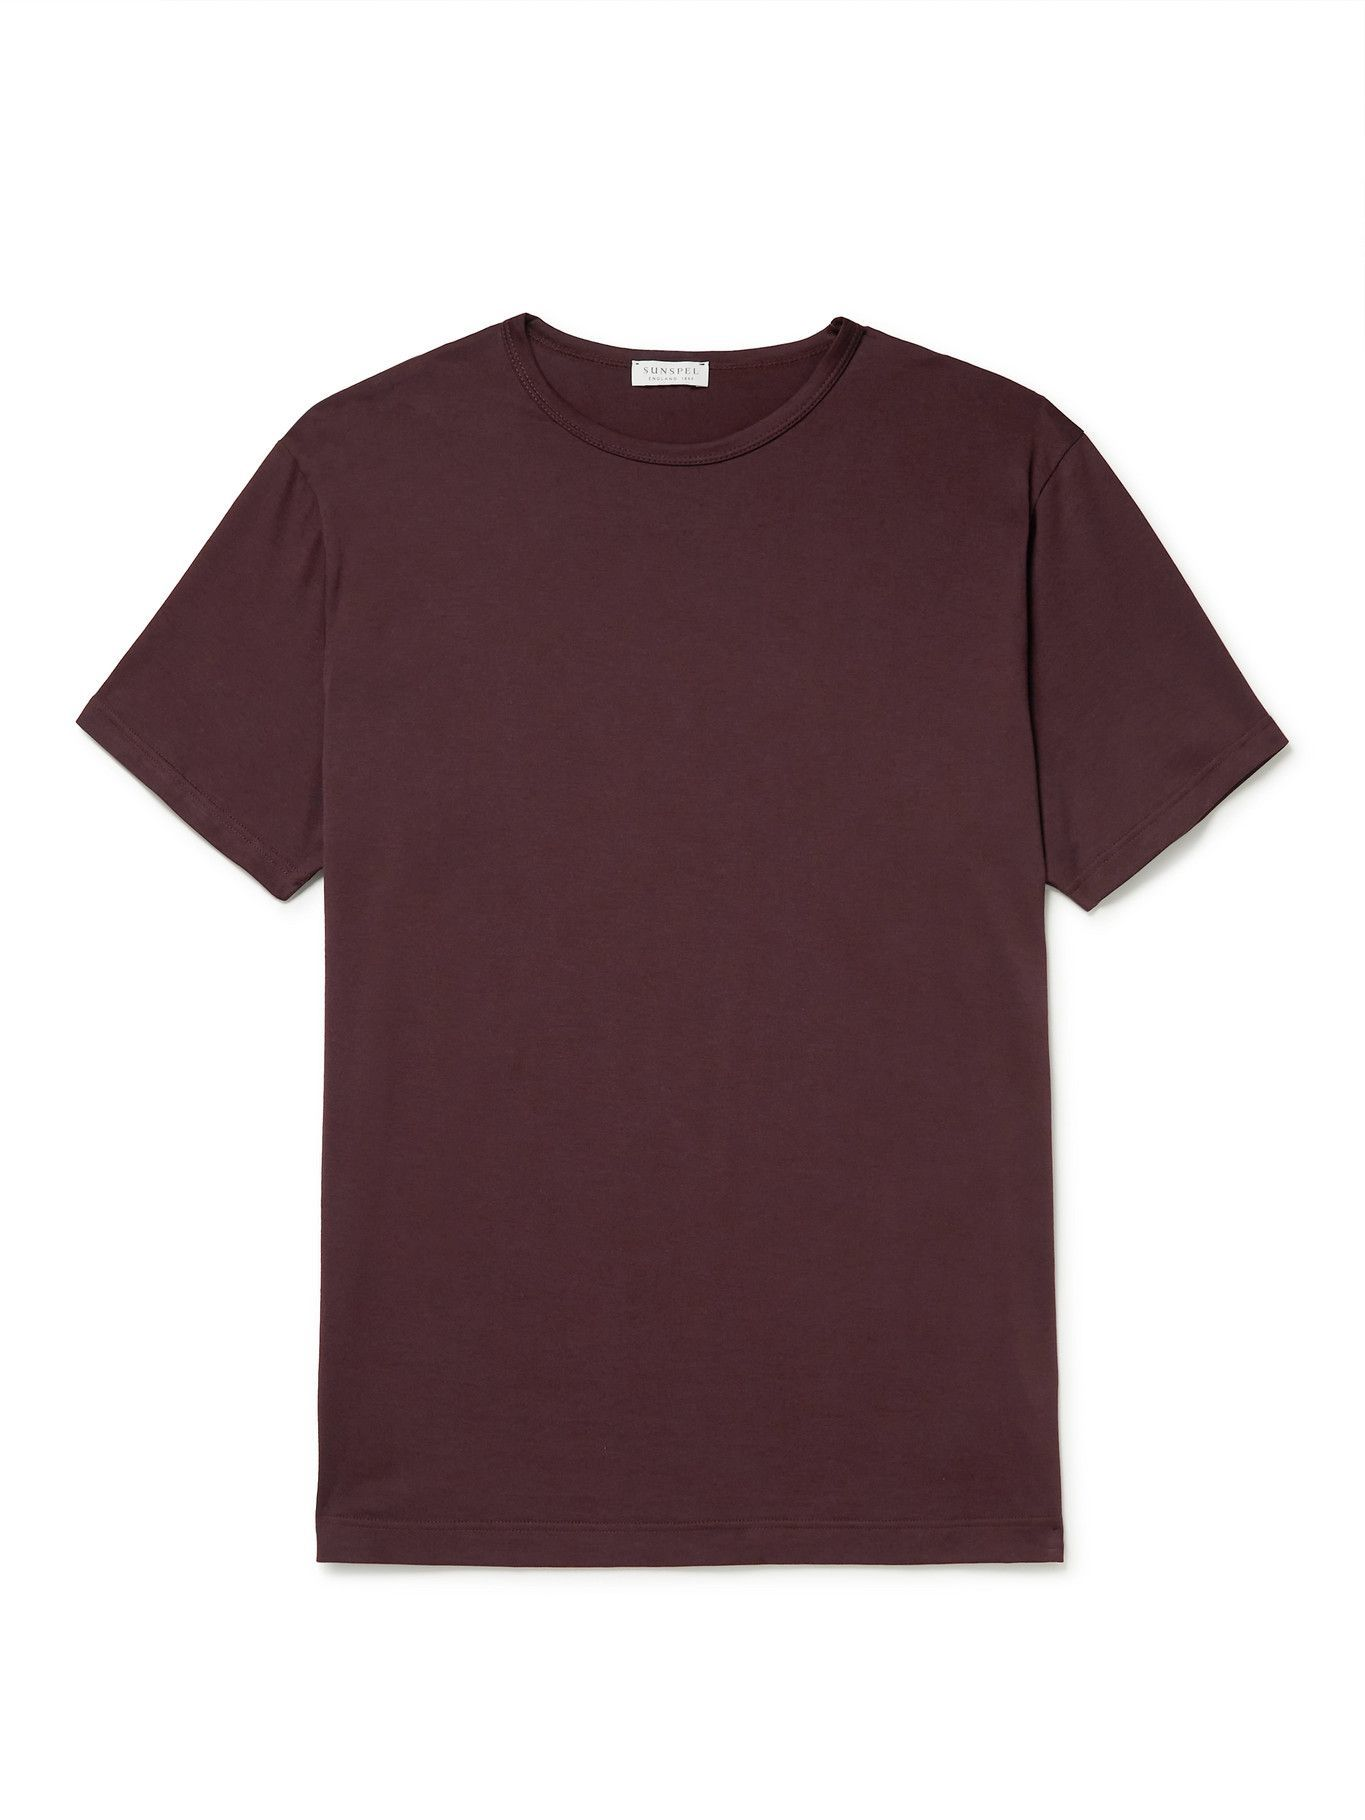 Photo: Sunspel - Cotton-Jersey T-Shirt - Brown